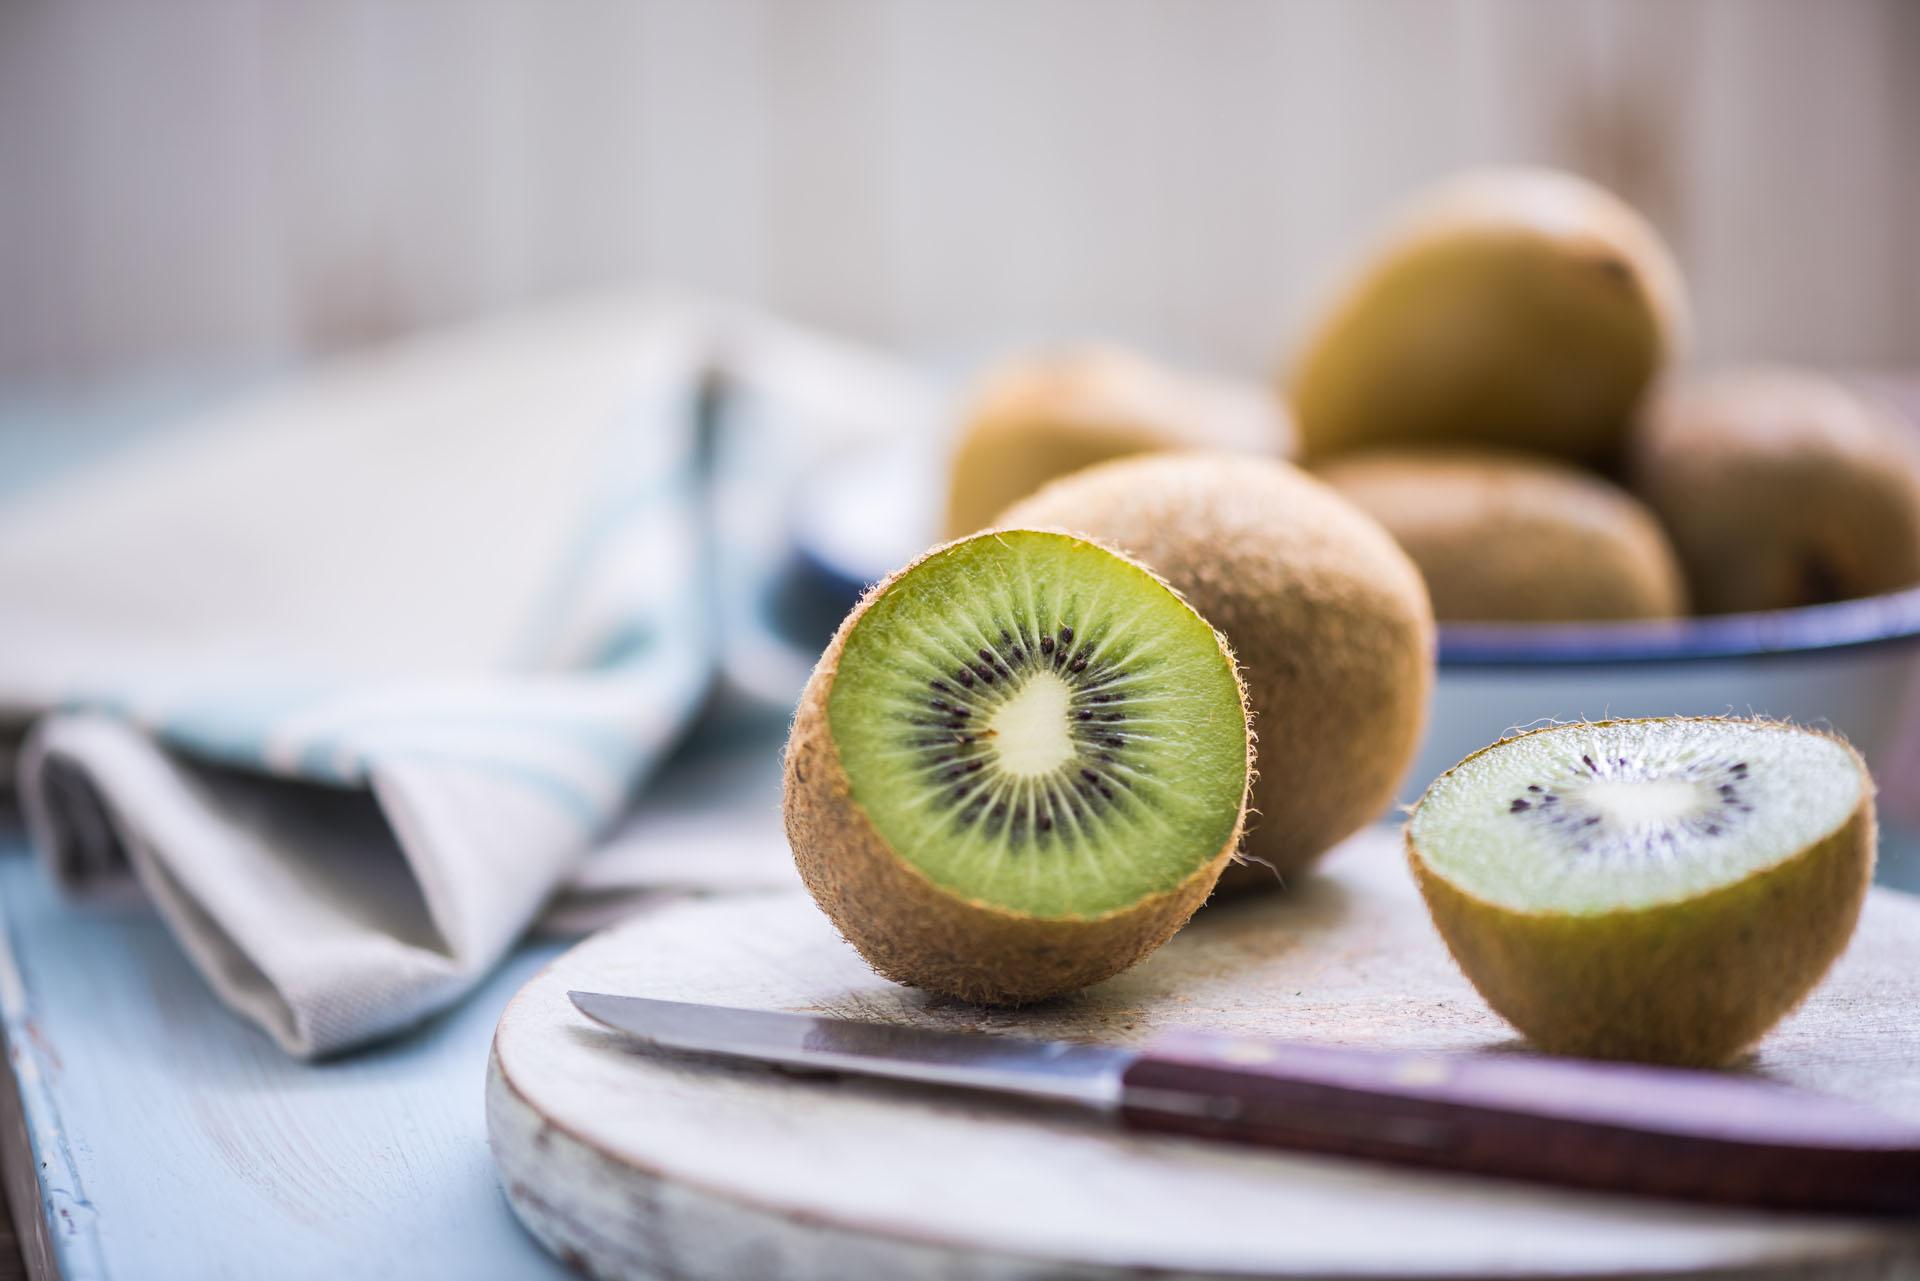 Del valor nutricional del kiwi cabe destacar que su contenido en vitamina C es más del doble que el presente en las naranjas (Getty Images)